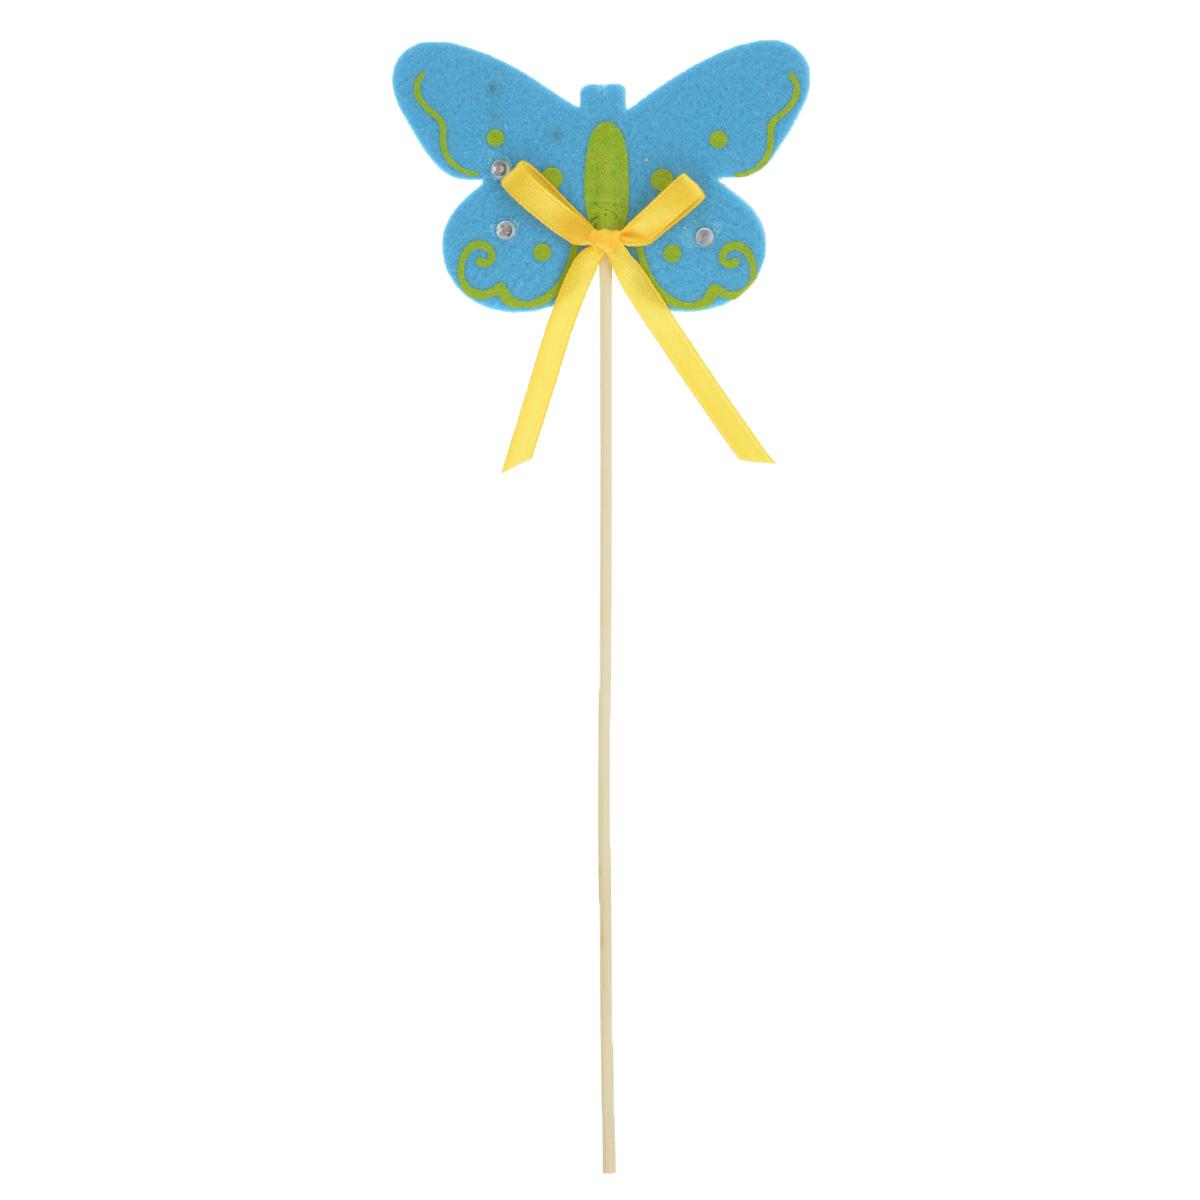 Декоративное пасхальное украшение на ножке Home Queen Весна. Бабочка, высота 27 см60727_2Украшение пасхальное Home Queen Весна. Бабочка изготовлено из цветного фетра и предназначено для украшения праздничного стола. Украшение выполнено в виде бабочки на деревянной шпажке и украшено текстильным бантом и стразами. Такое украшение прекрасно дополнит подарок для друзей и близких на Пасху. Высота: 27 см. Размер фигурки: 9 см х 0,5 см х 6 см.